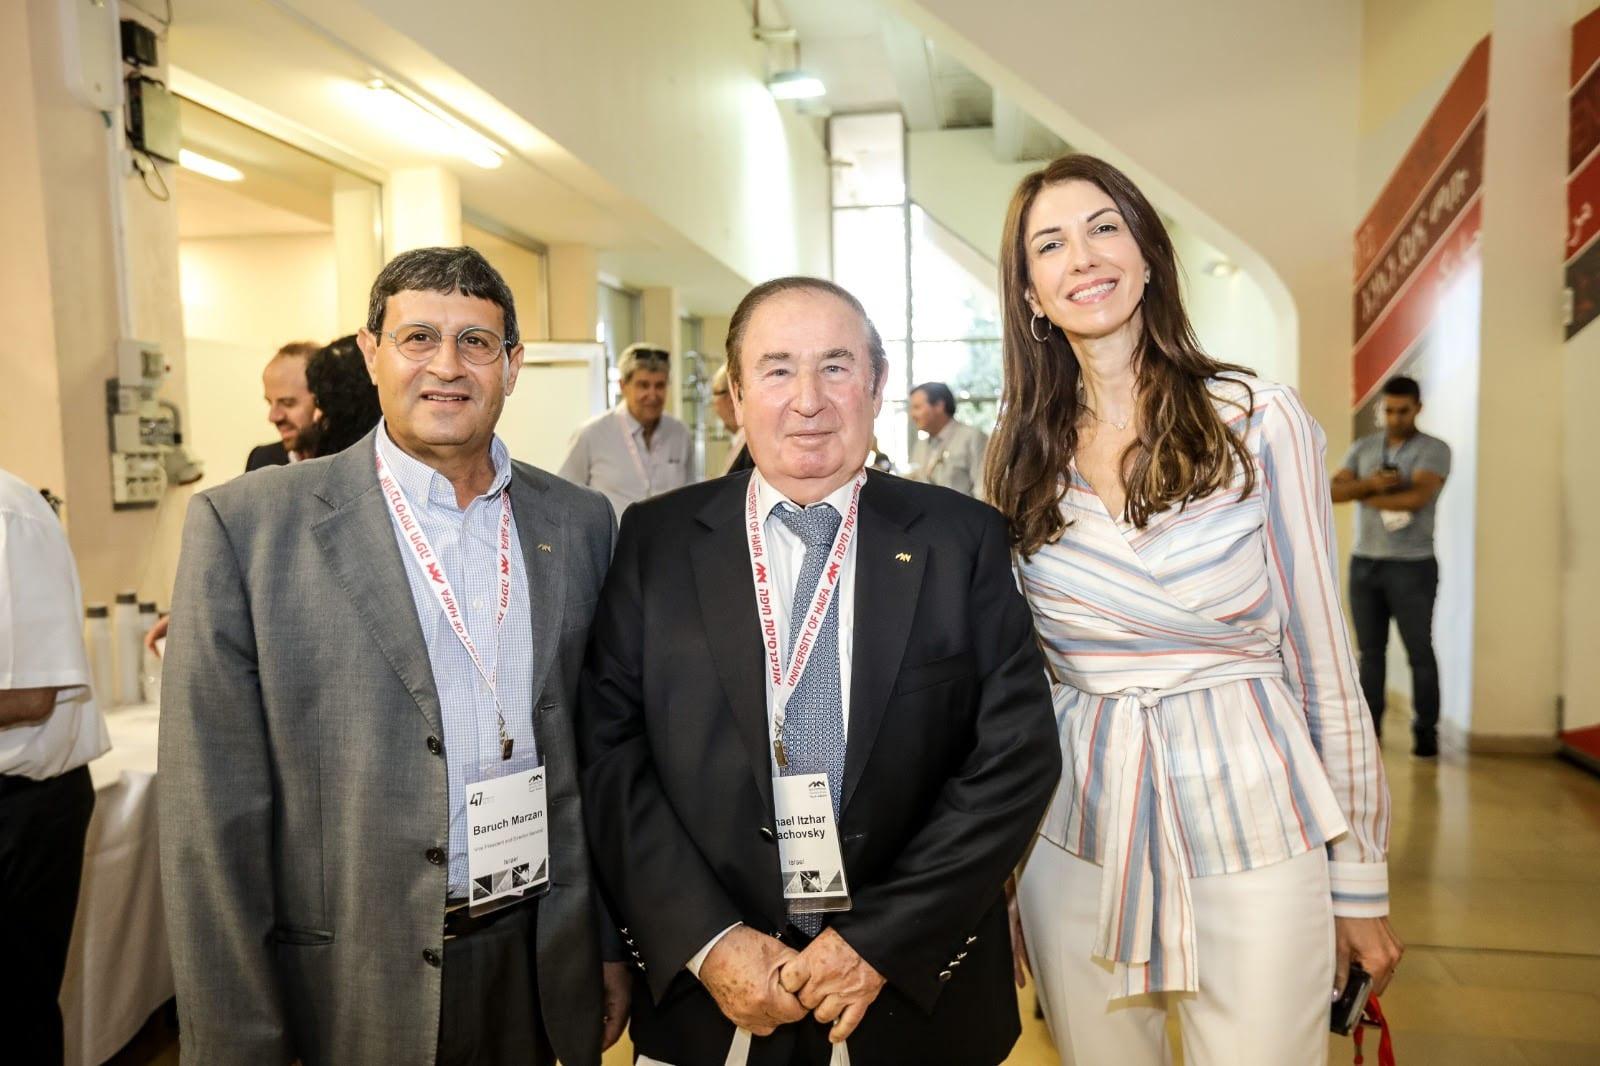 """מימין לשמאל: שירה בן-אור (מנכ""""לית אגודת הידידים), מיכאל יצהר בלחובסקי, ברוך מרזן (סגן נשיא ומנכ""""ל)"""